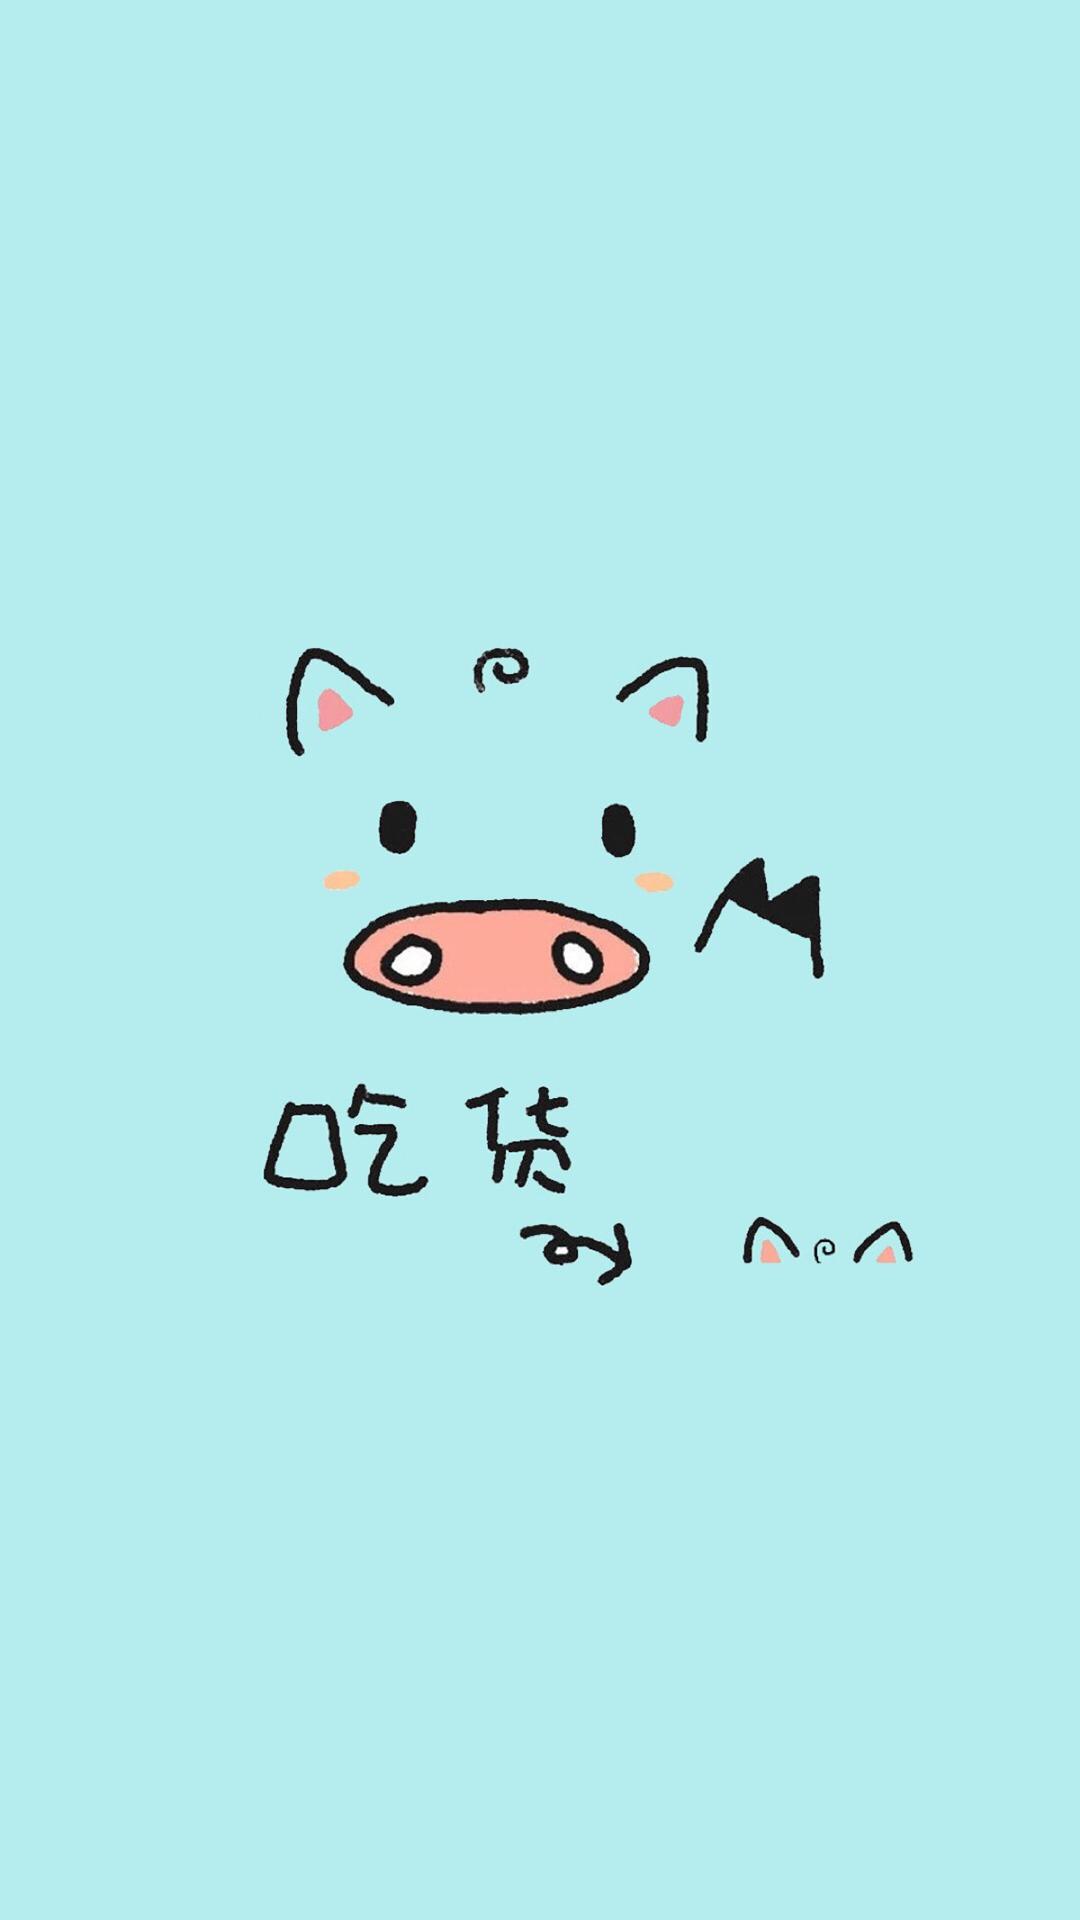 手绘猫咪 鱼缸金鱼 help 苹果手机高清壁纸 1080x1920 爱思助手